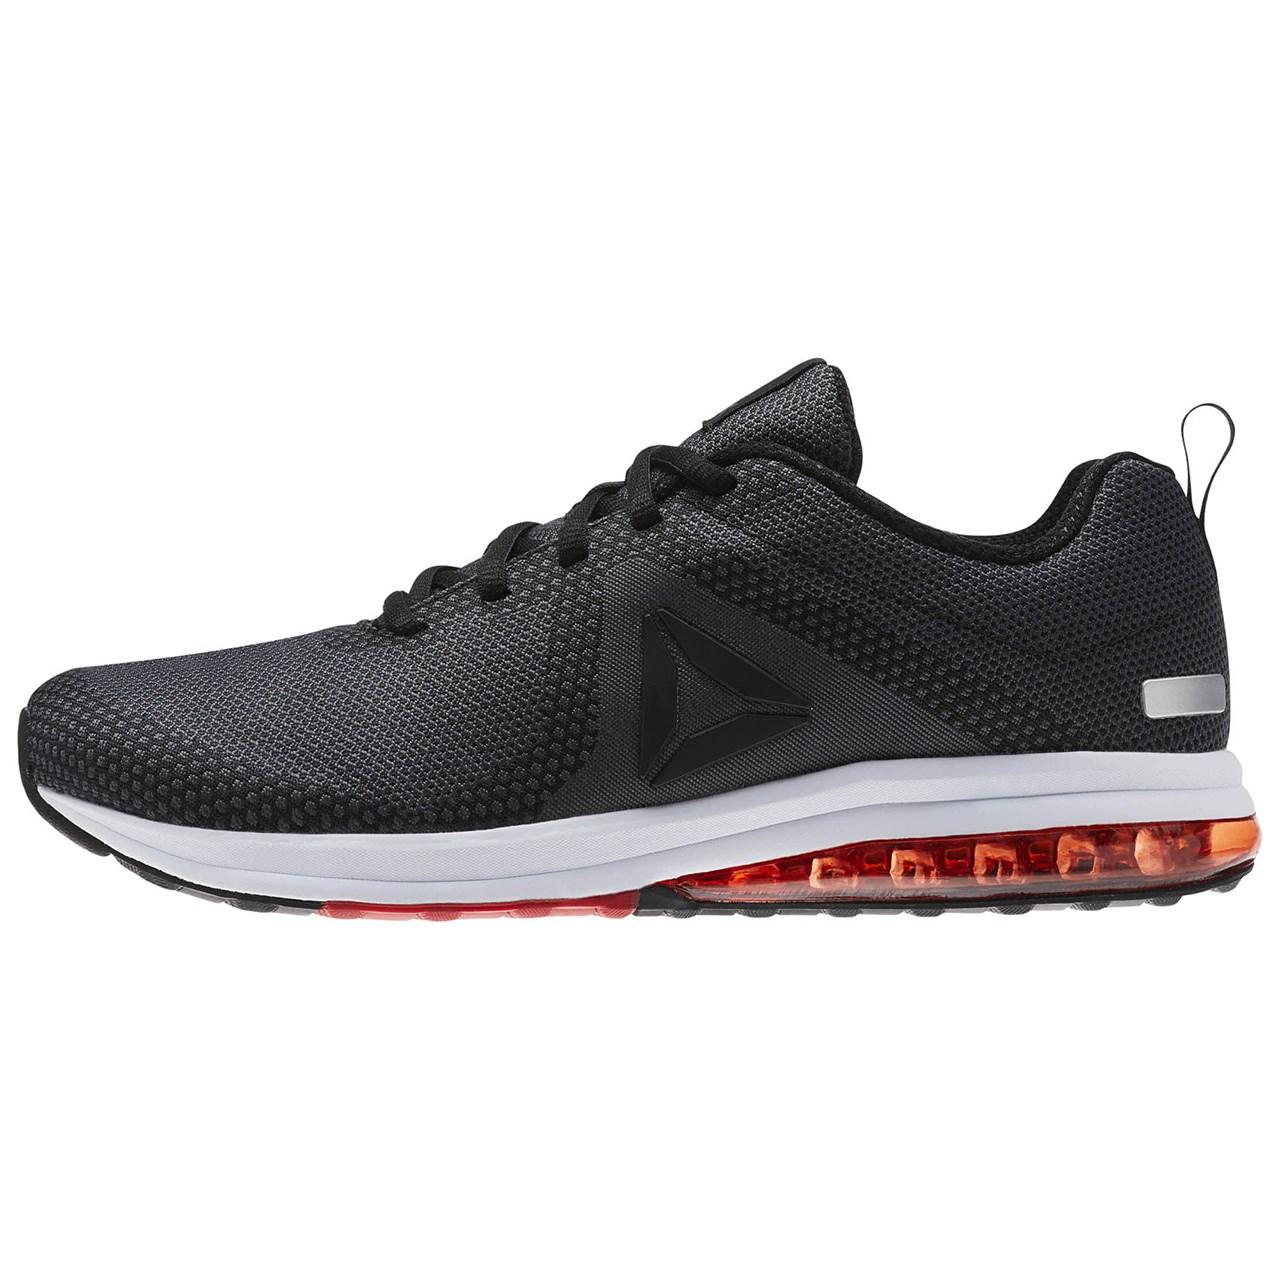 قیمت کفش مخصوص دویدن مردانه ریباک مدلJet Dashride 6.0